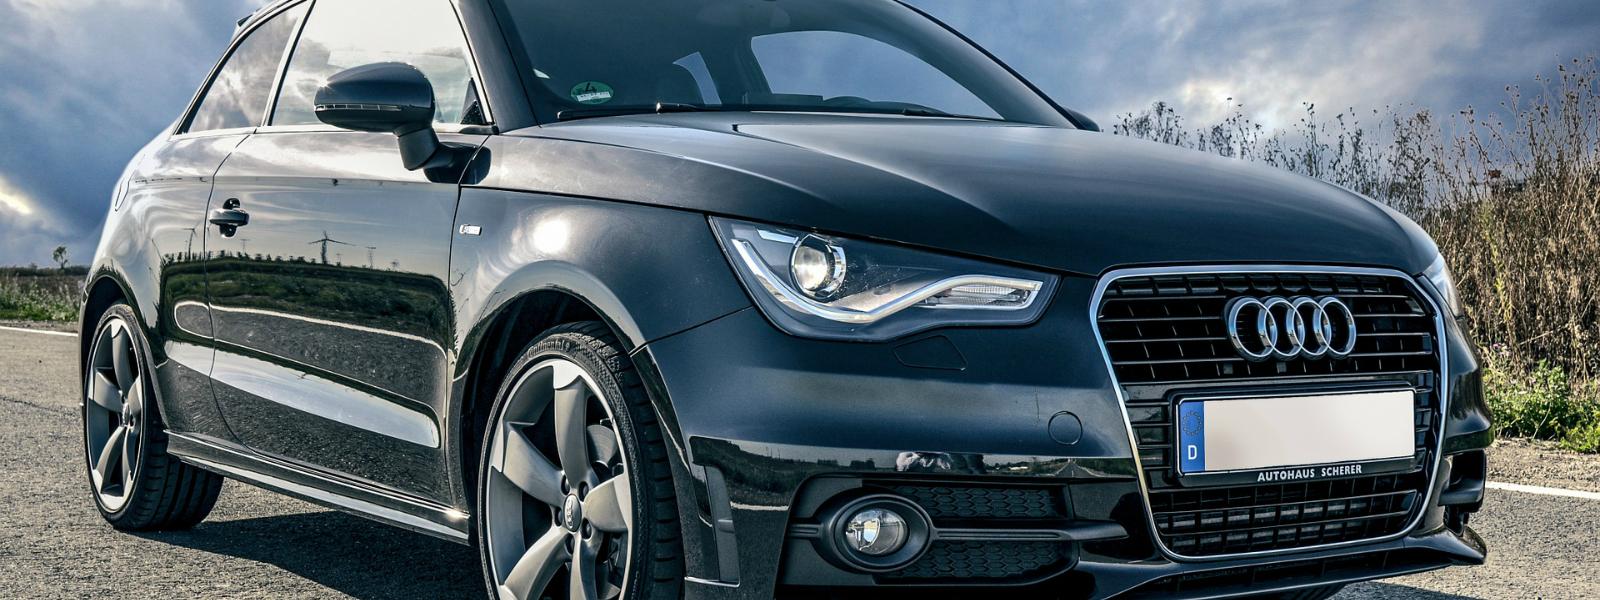 Car Finance SEO